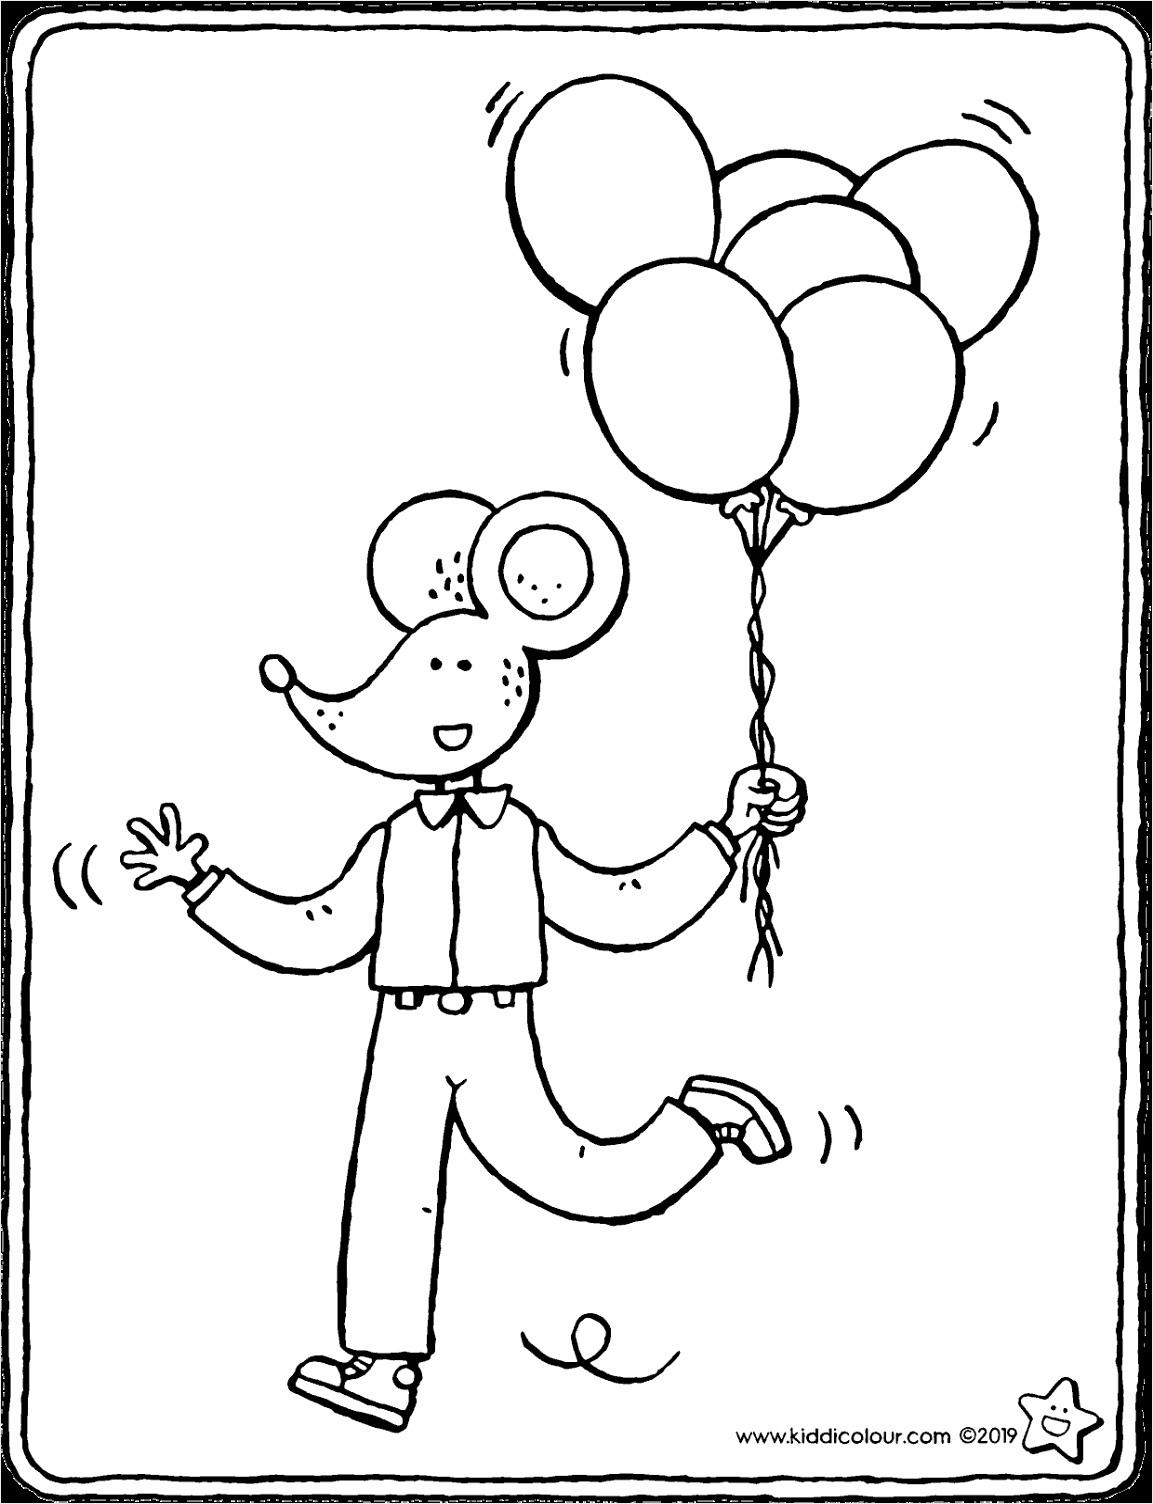 Lowie met ballonnen kleurplaat kleurprent tekening 01V wiuhi